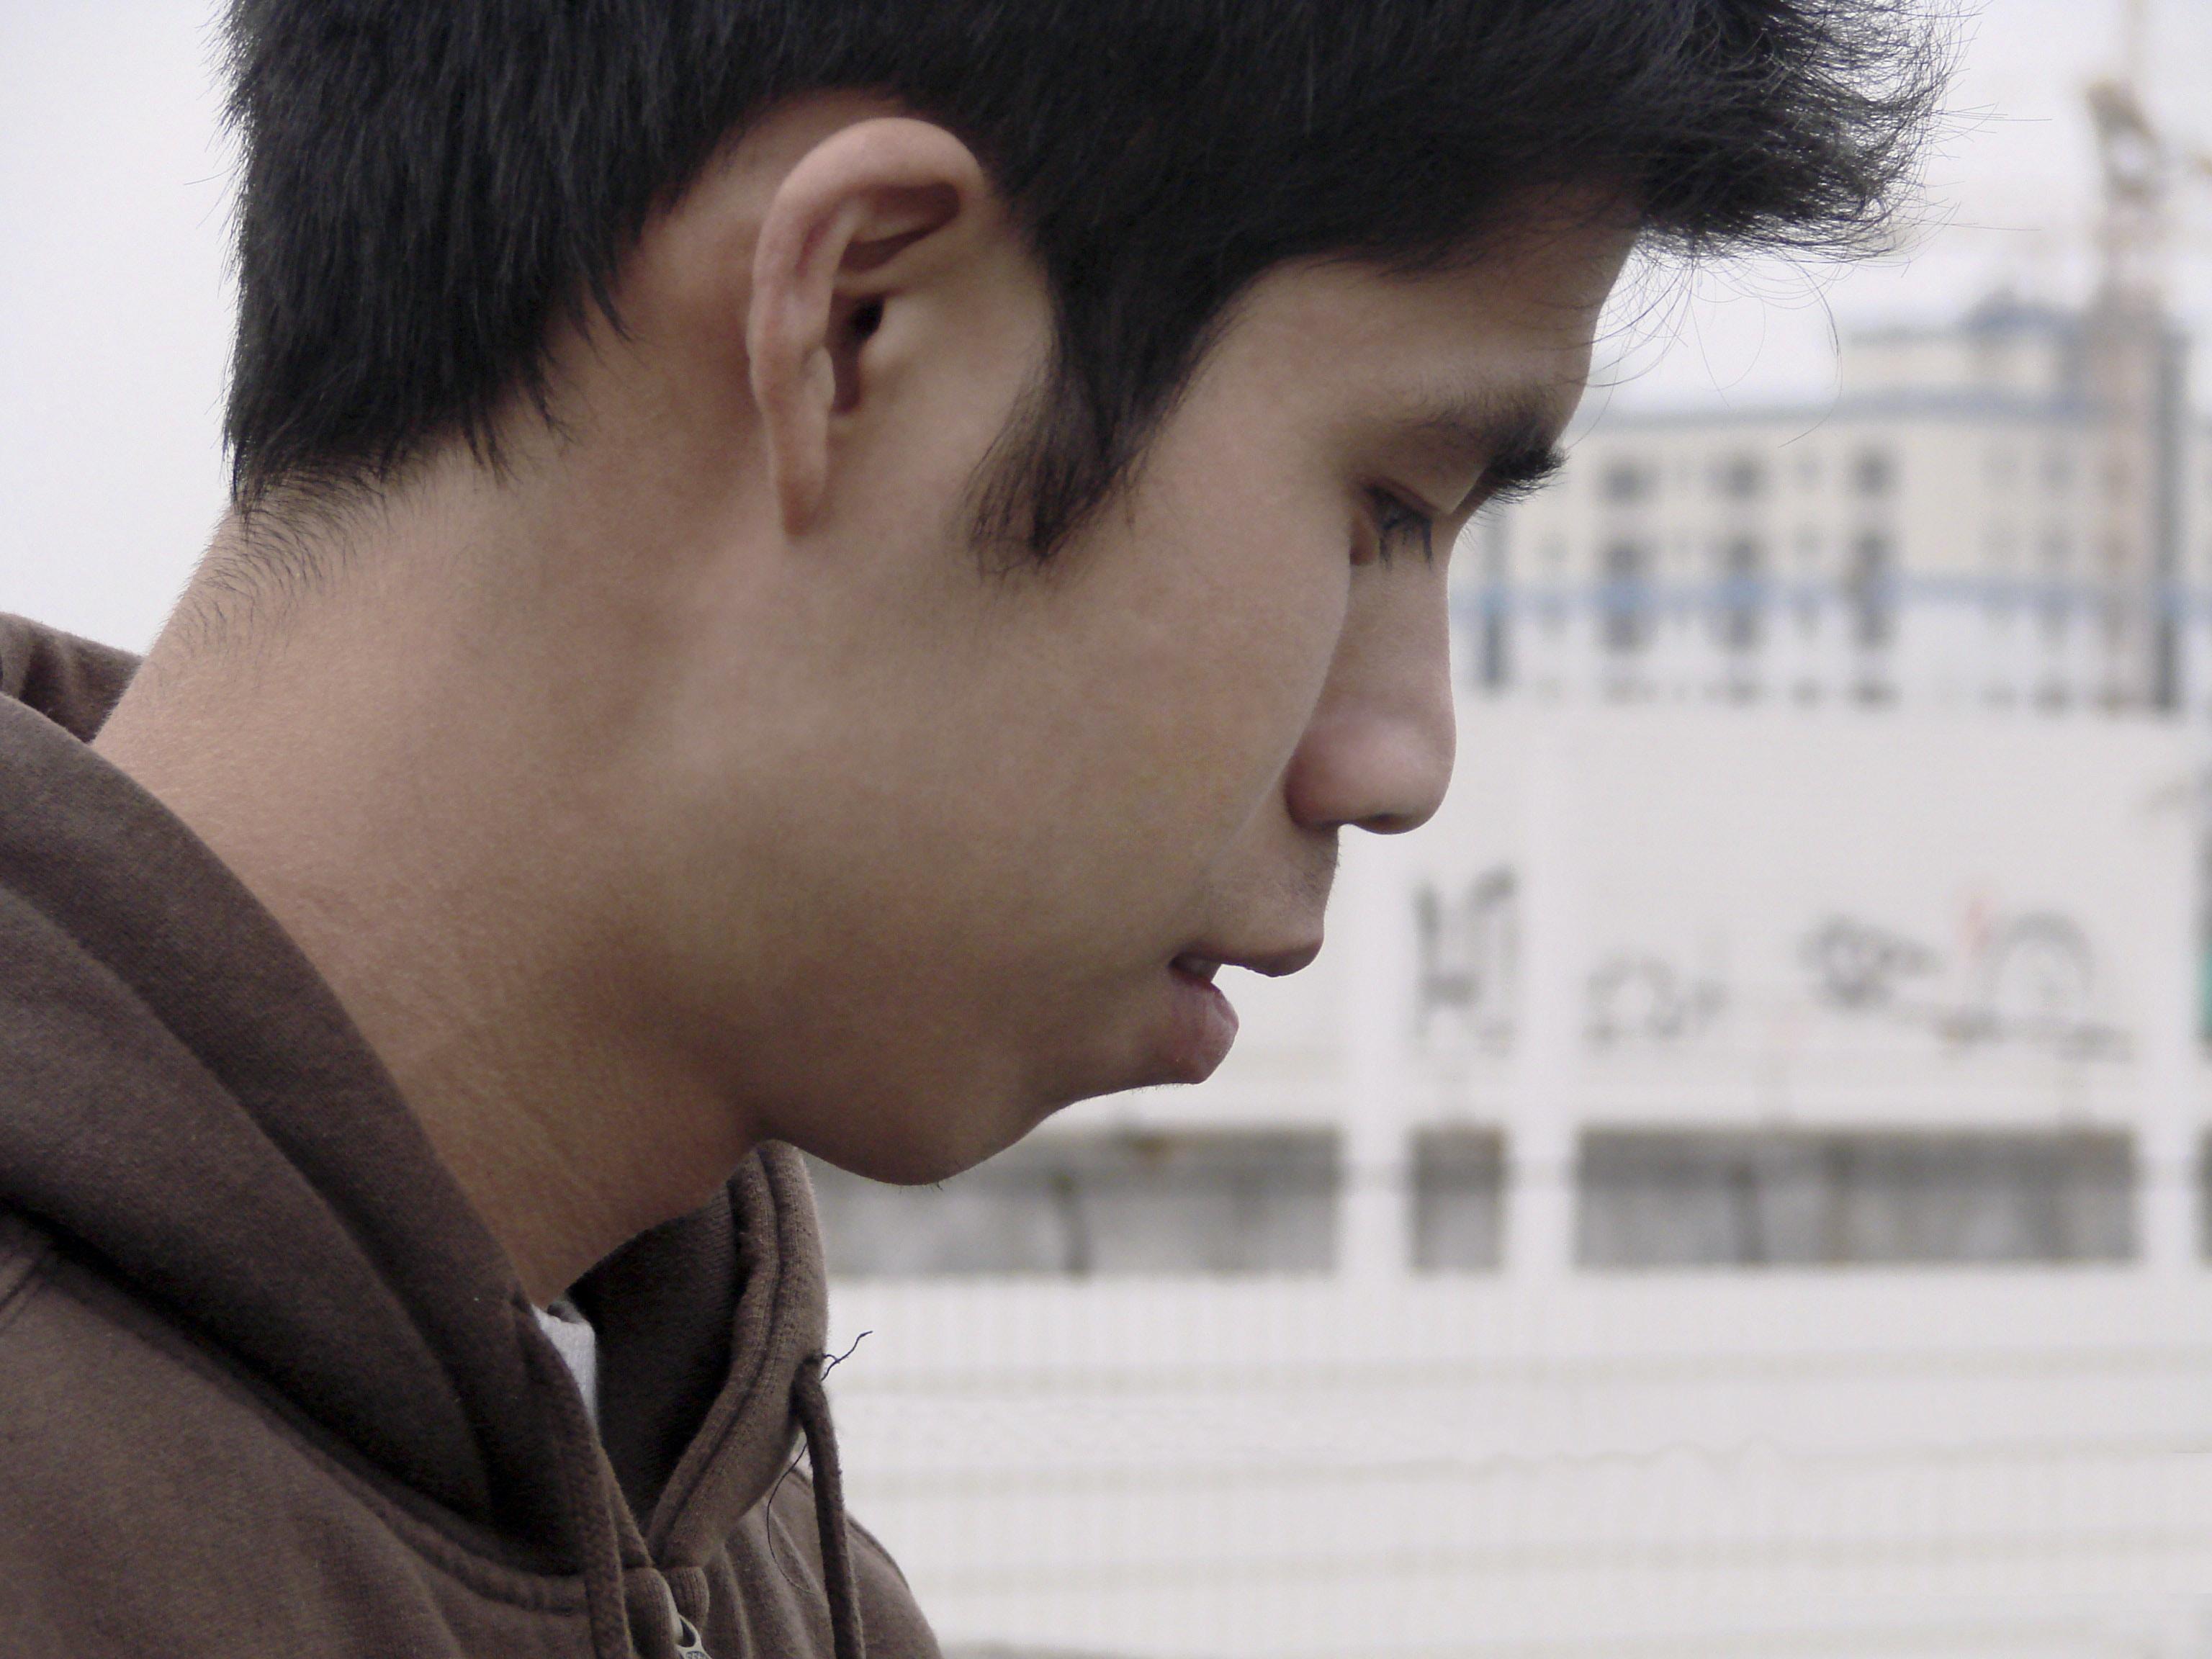 Go to 蓝 浩's profile